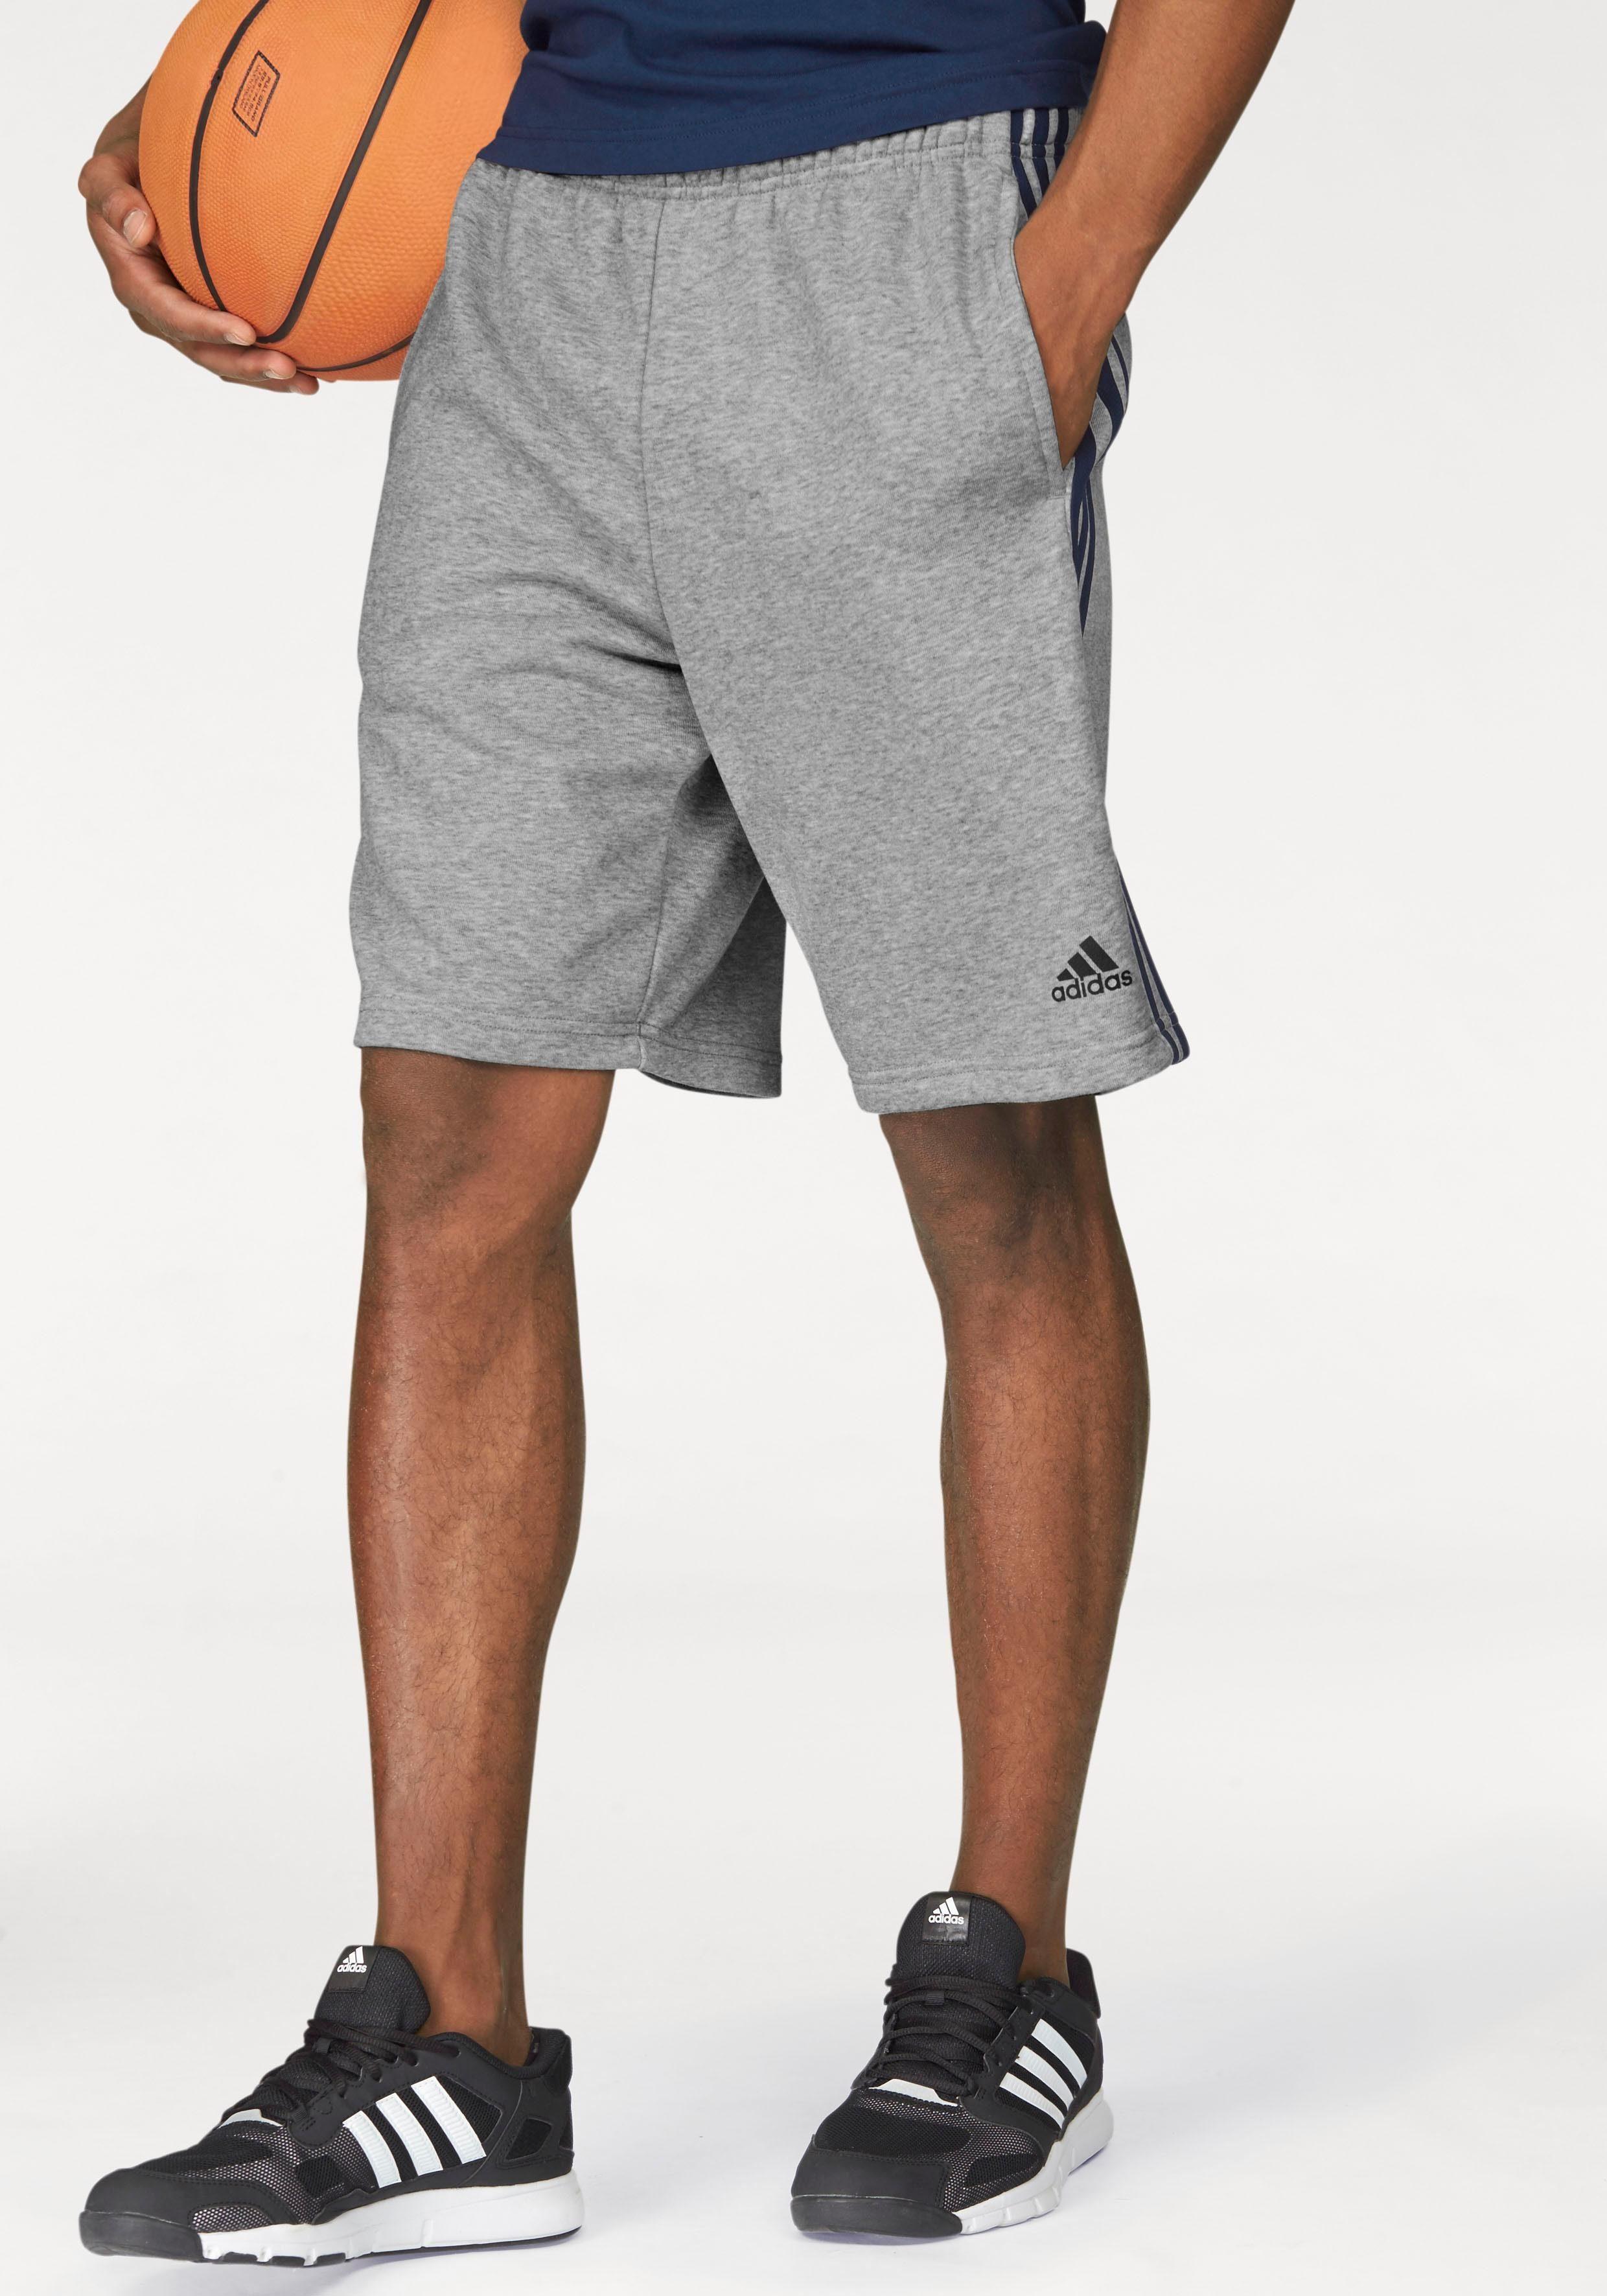 adidas shorts herren schwarz baumwolle adidas shorts herren schwarz baumwolle online shop. Black Bedroom Furniture Sets. Home Design Ideas